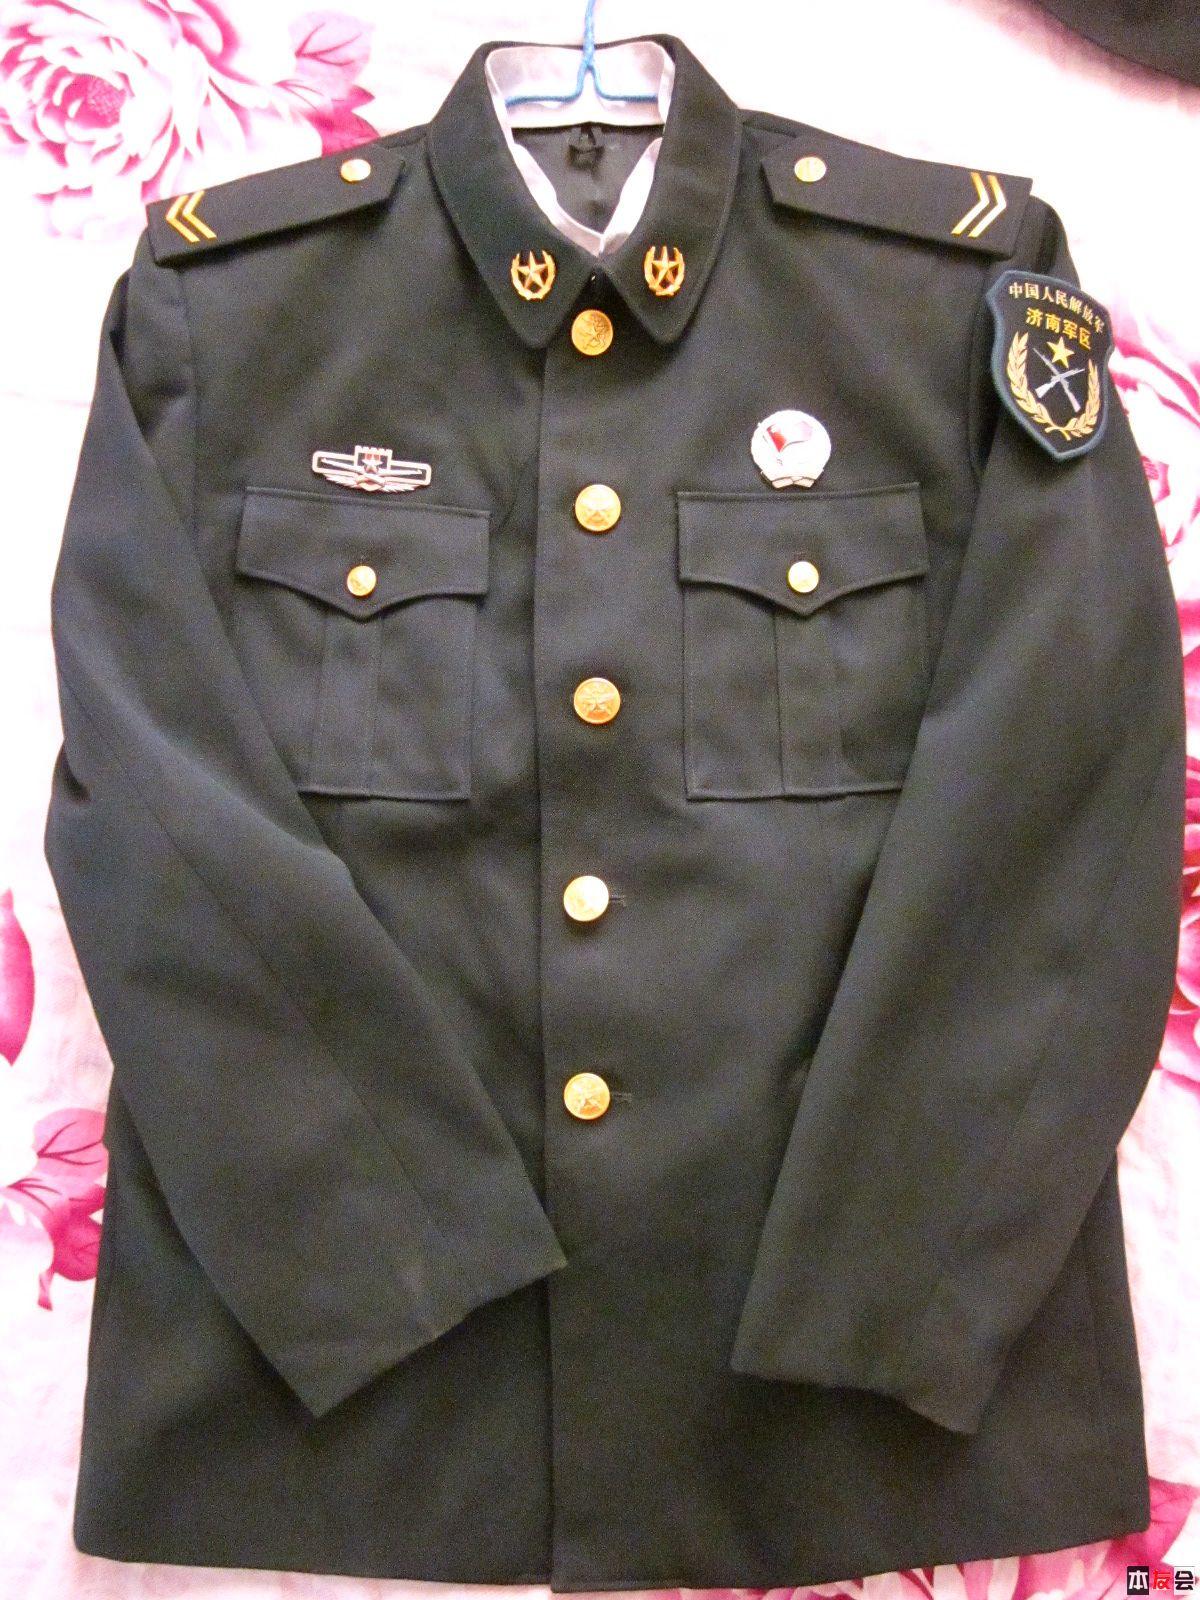 我的07士兵冬常服和春秋常服太旧了,什么时候给我换图片